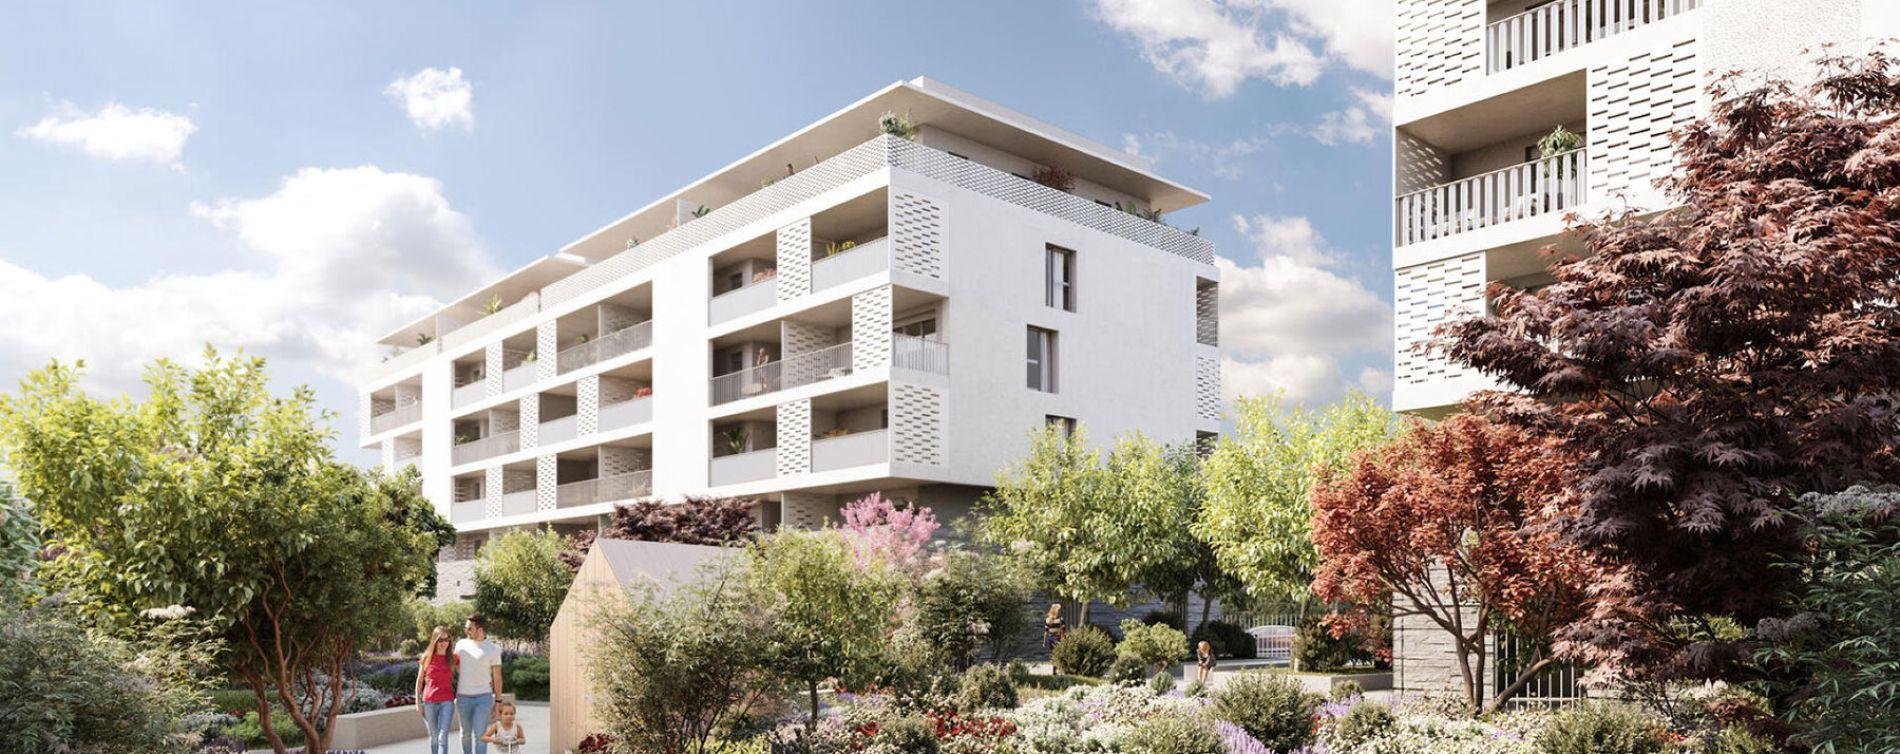 Castelnau-le-Lez : programme immobilier neuve « Programme immobilier n°218870 » en Loi Pinel (2)